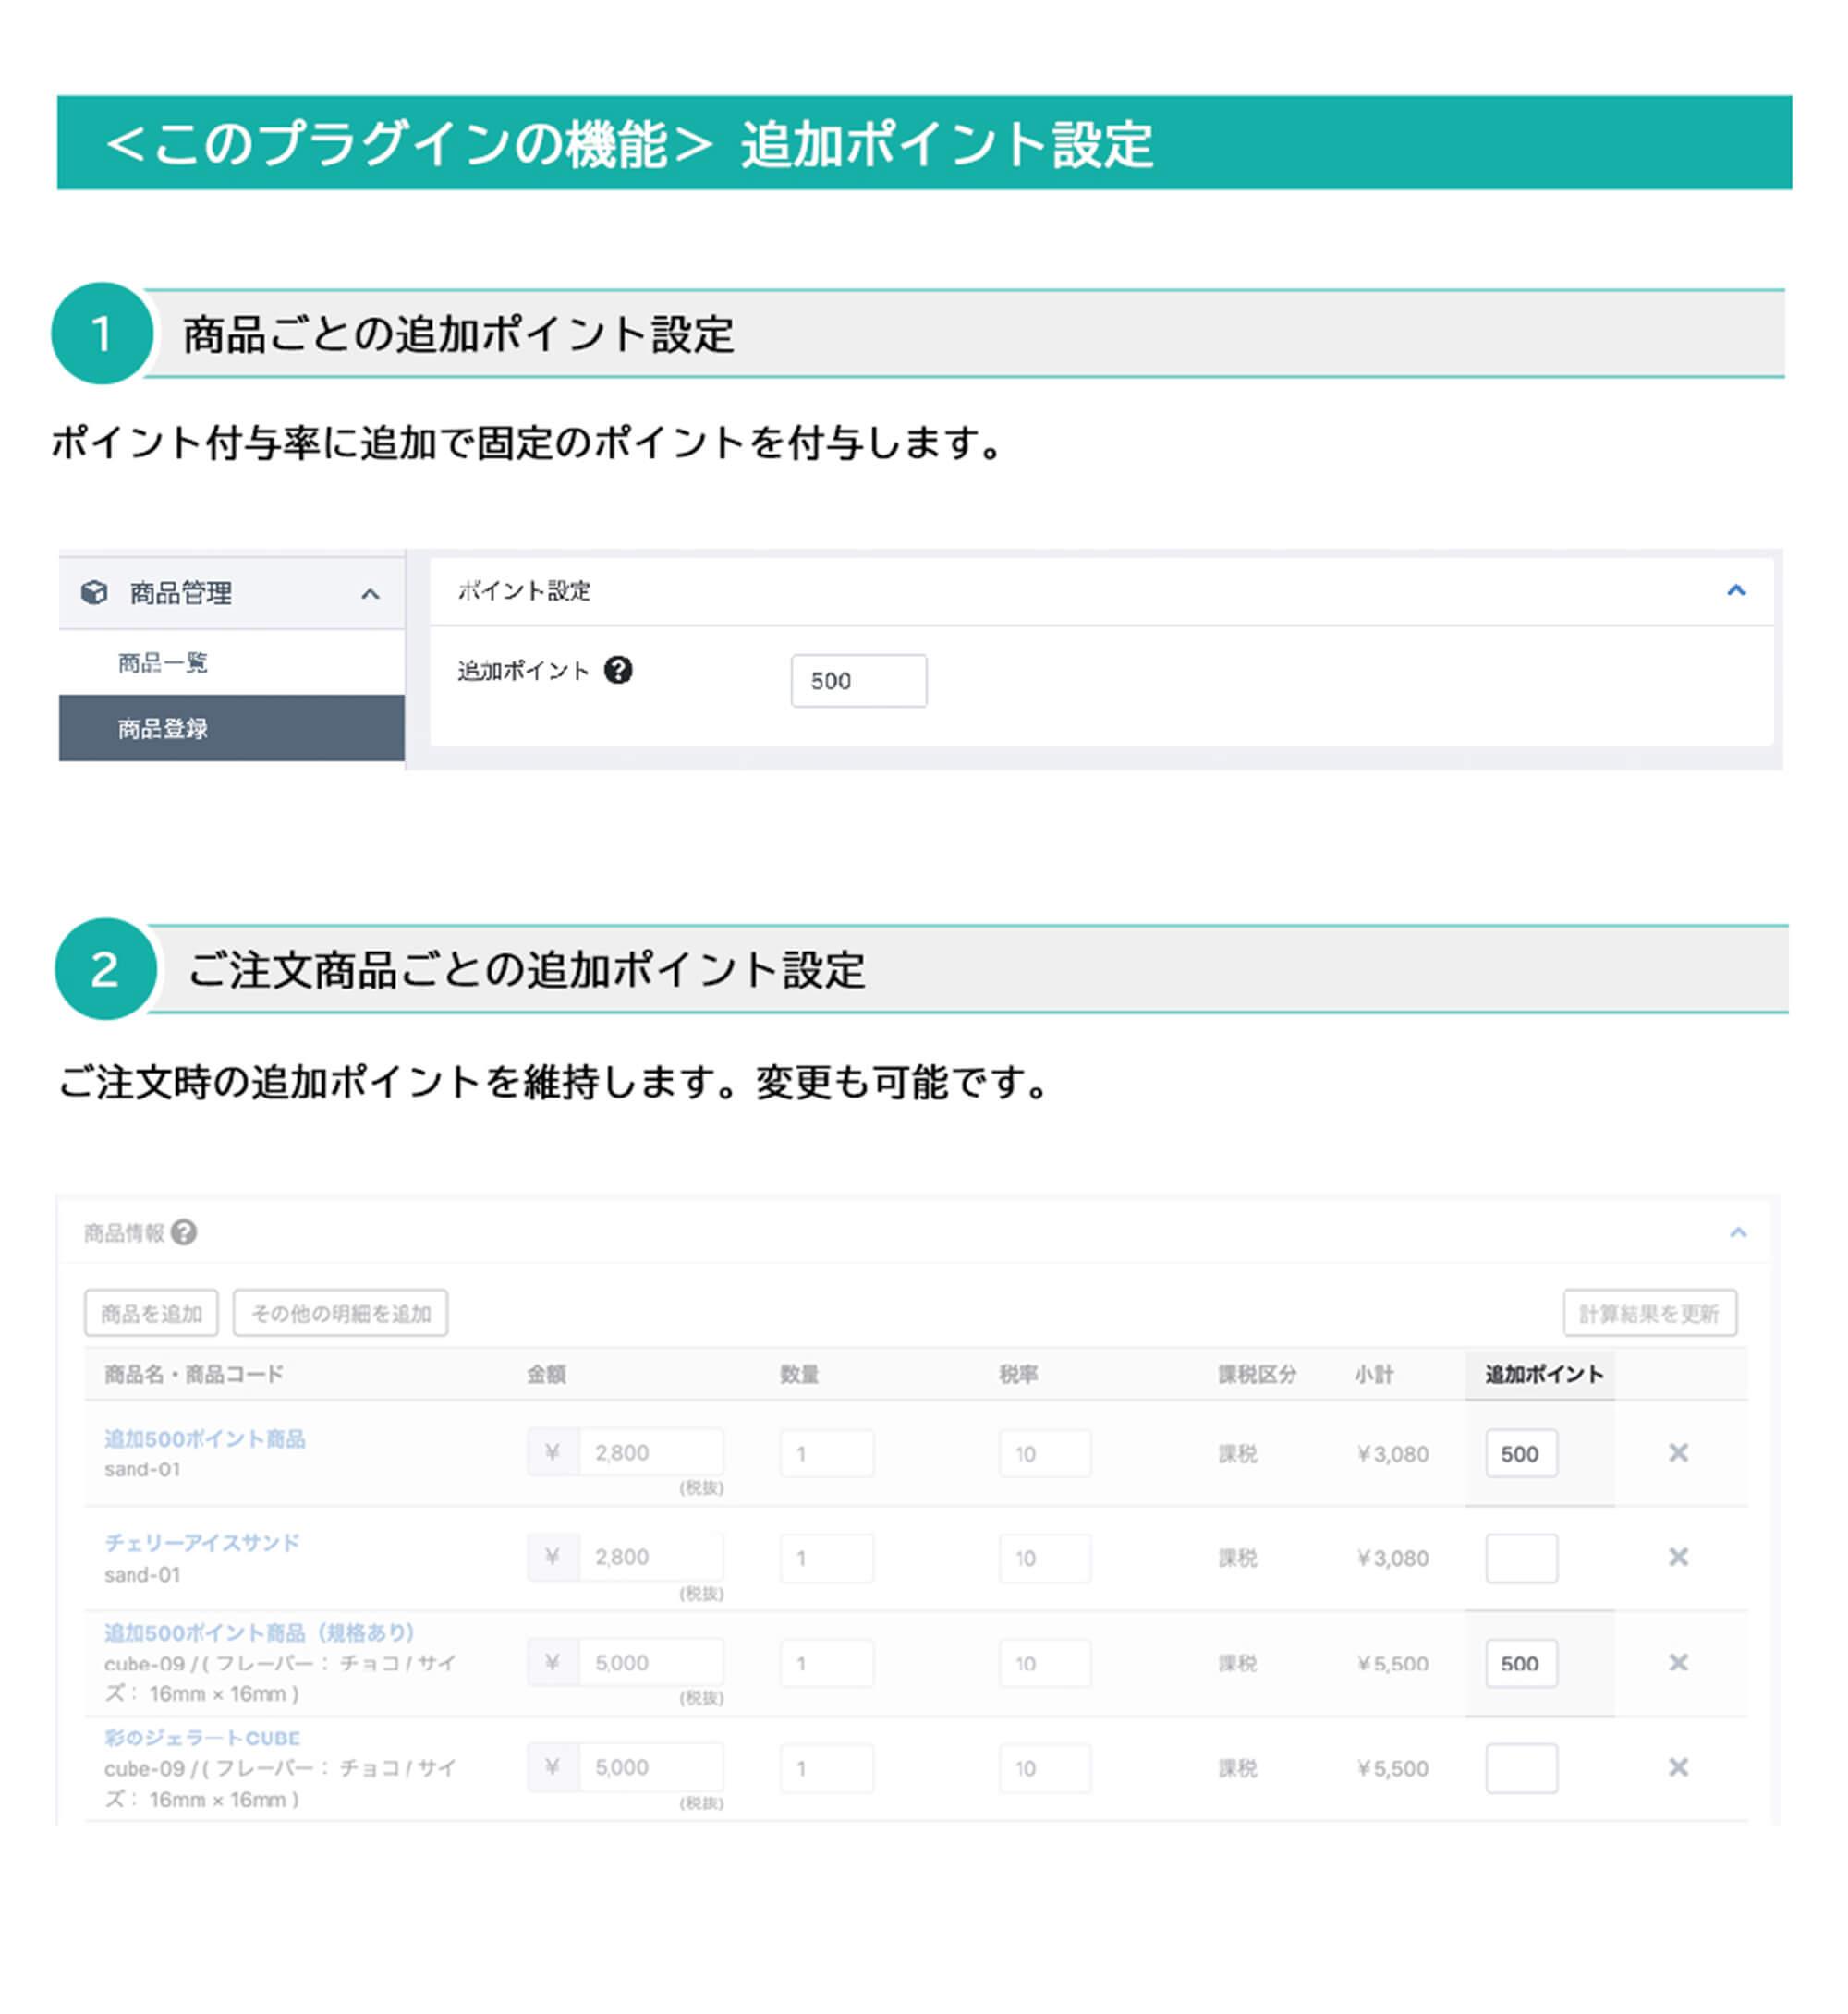 商品追加ポイント設定プラグイン for EC-CUBE 4.0